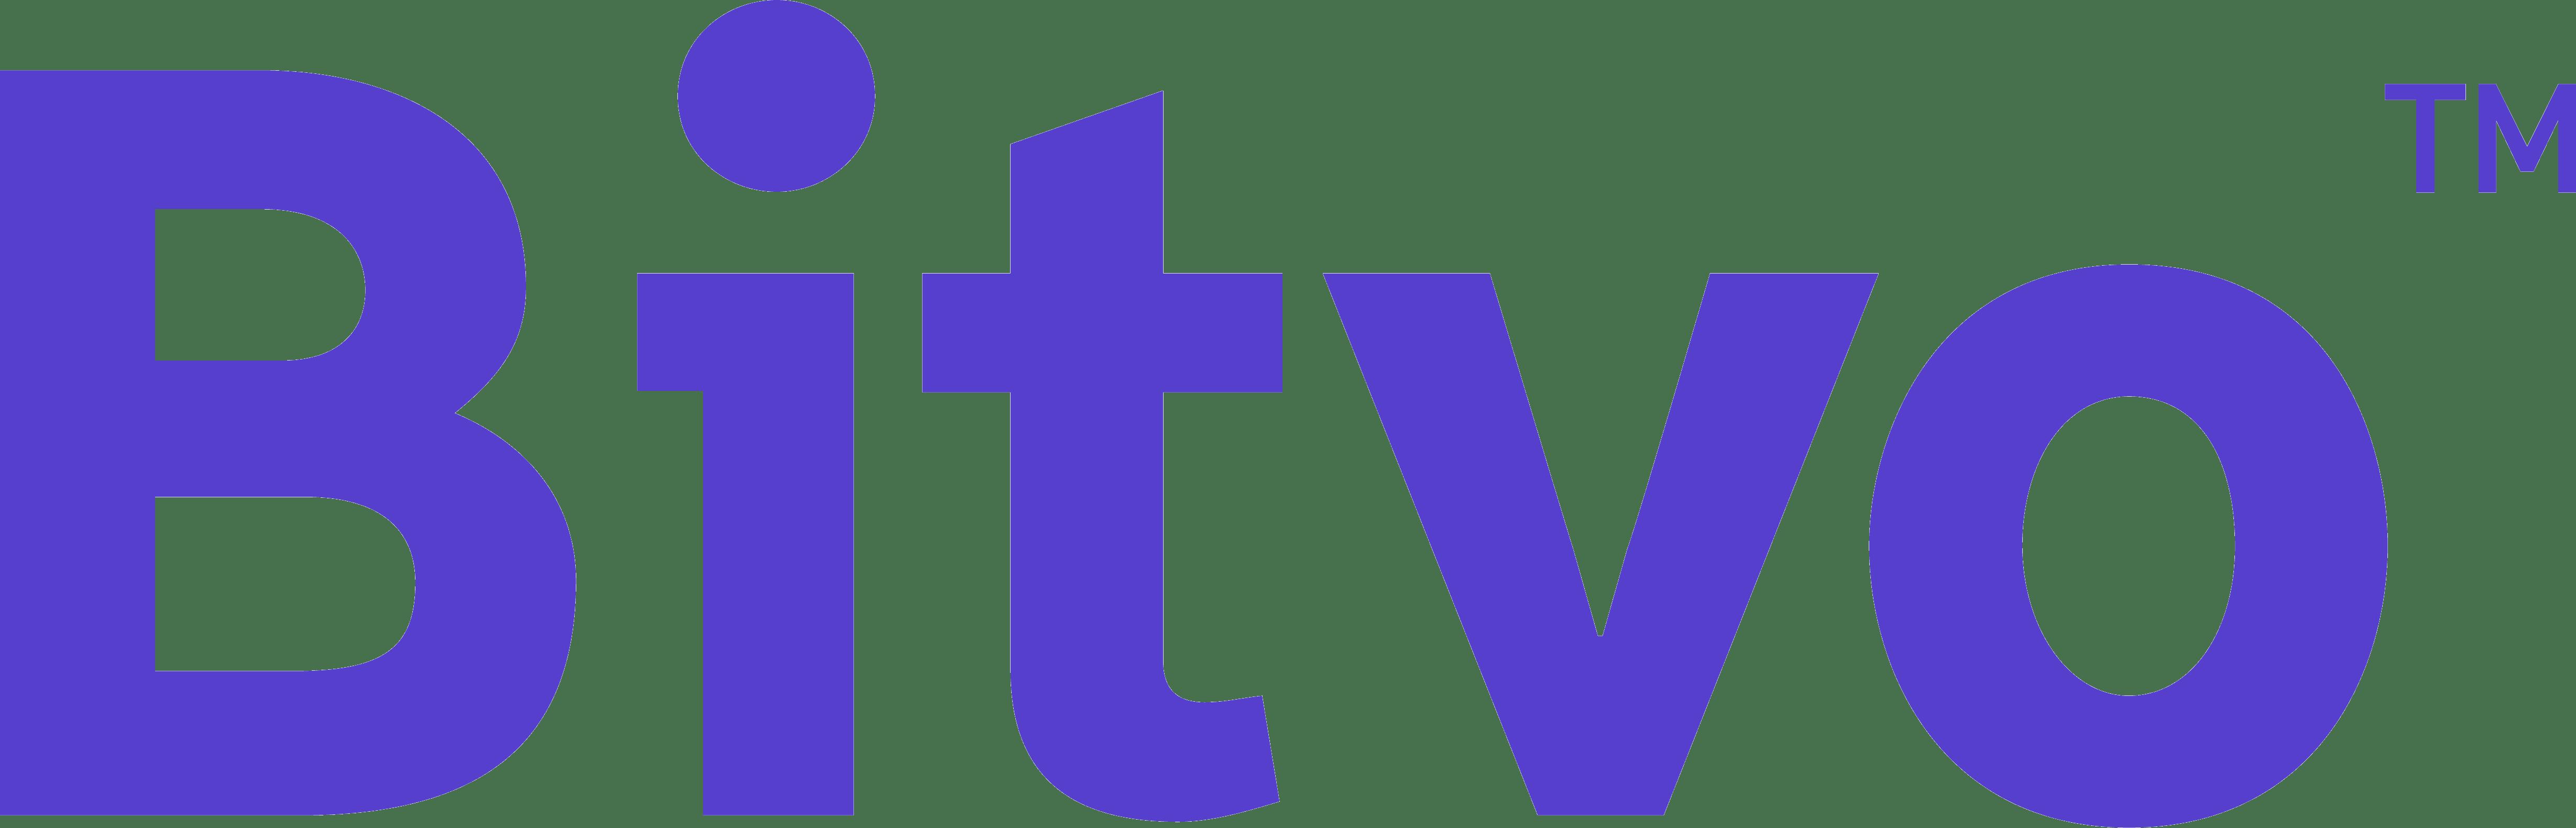 Bitvo Logo